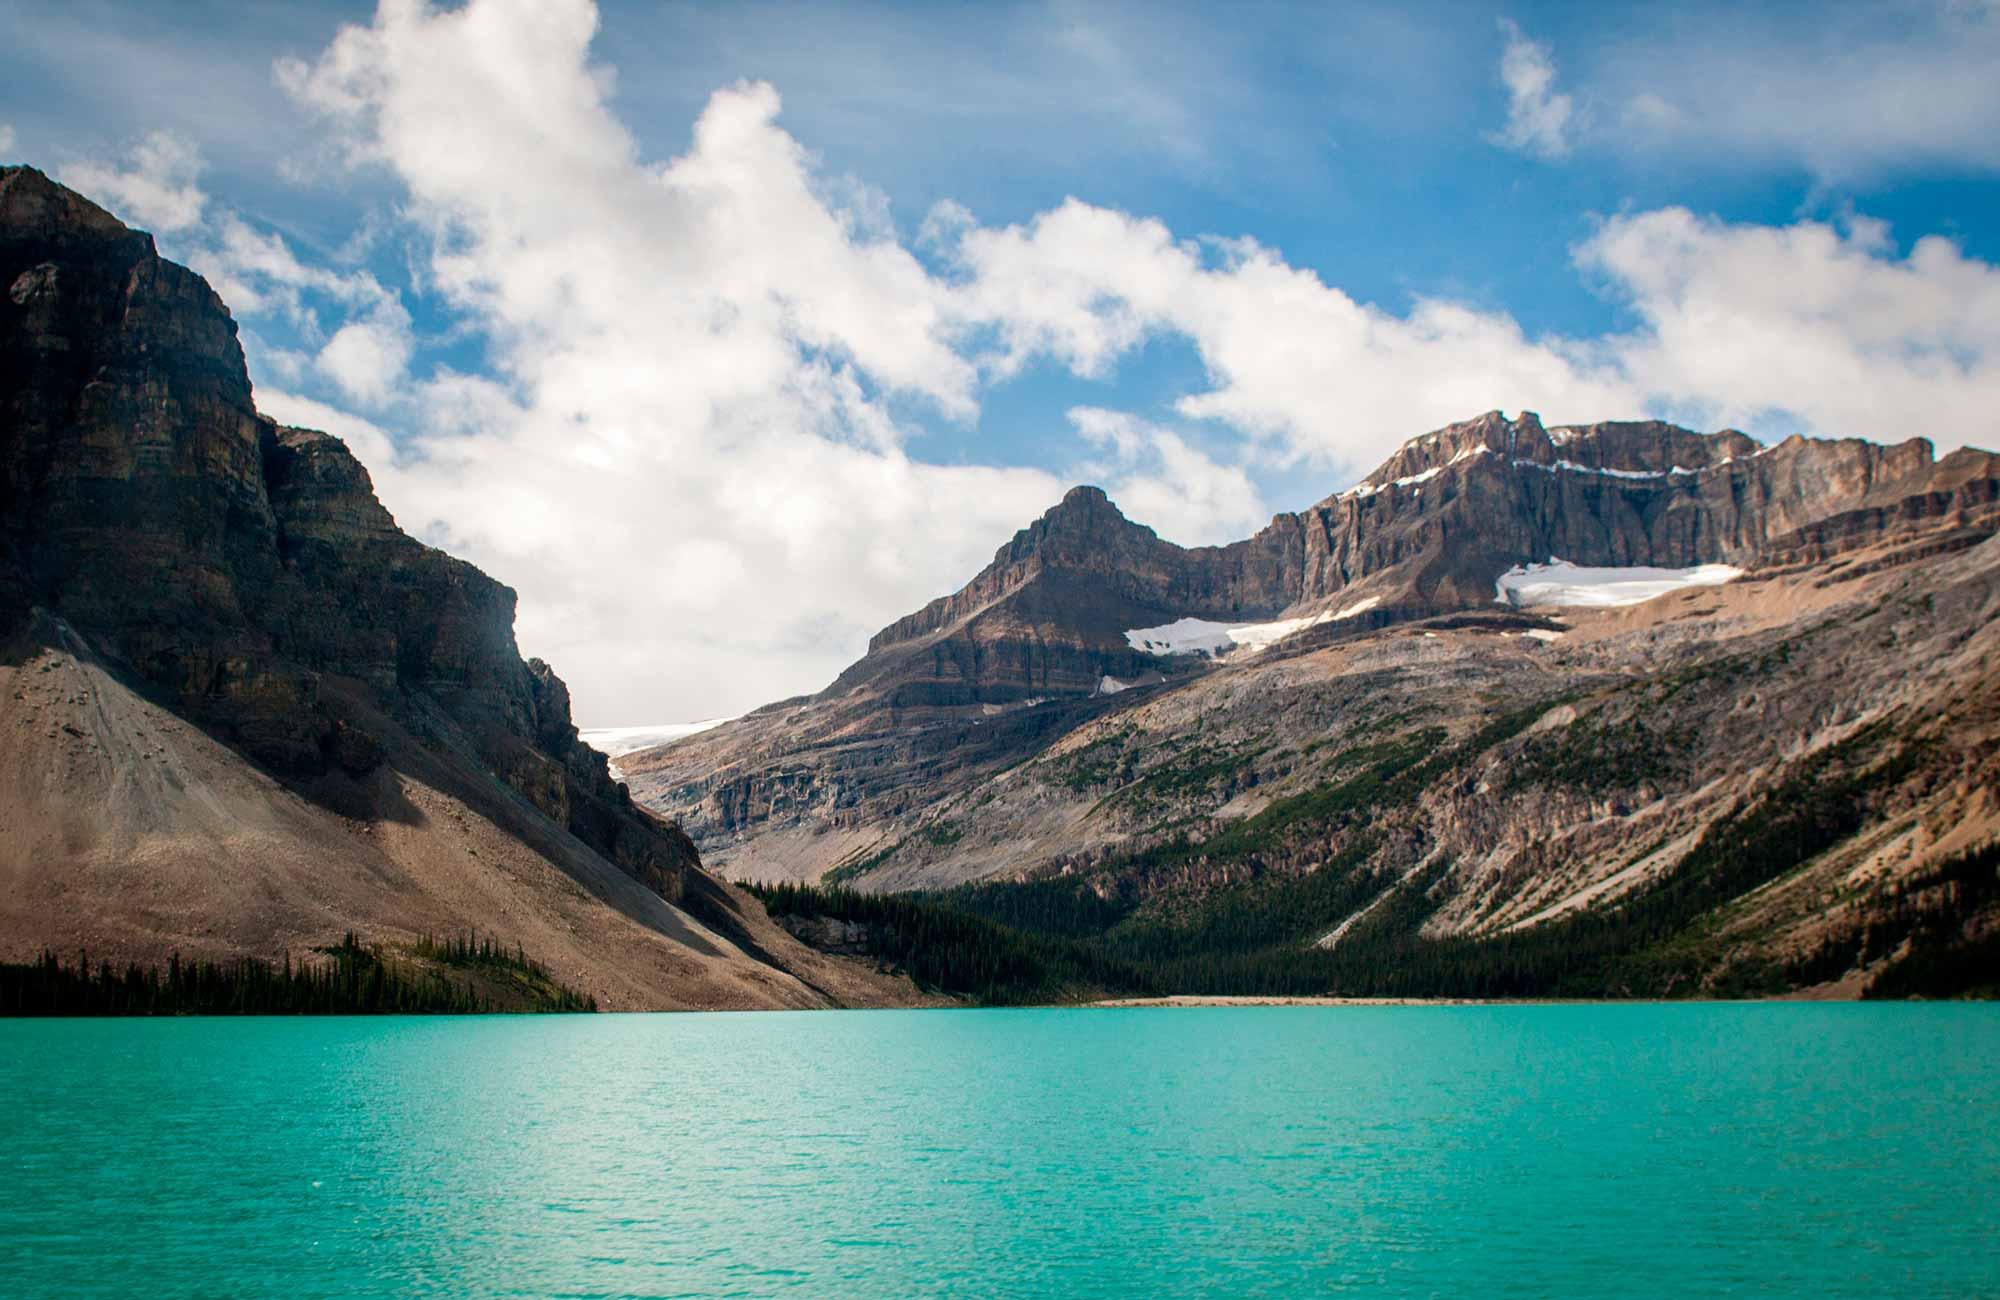 Voyage Canada - Parc National de Jasper - Amplitudes